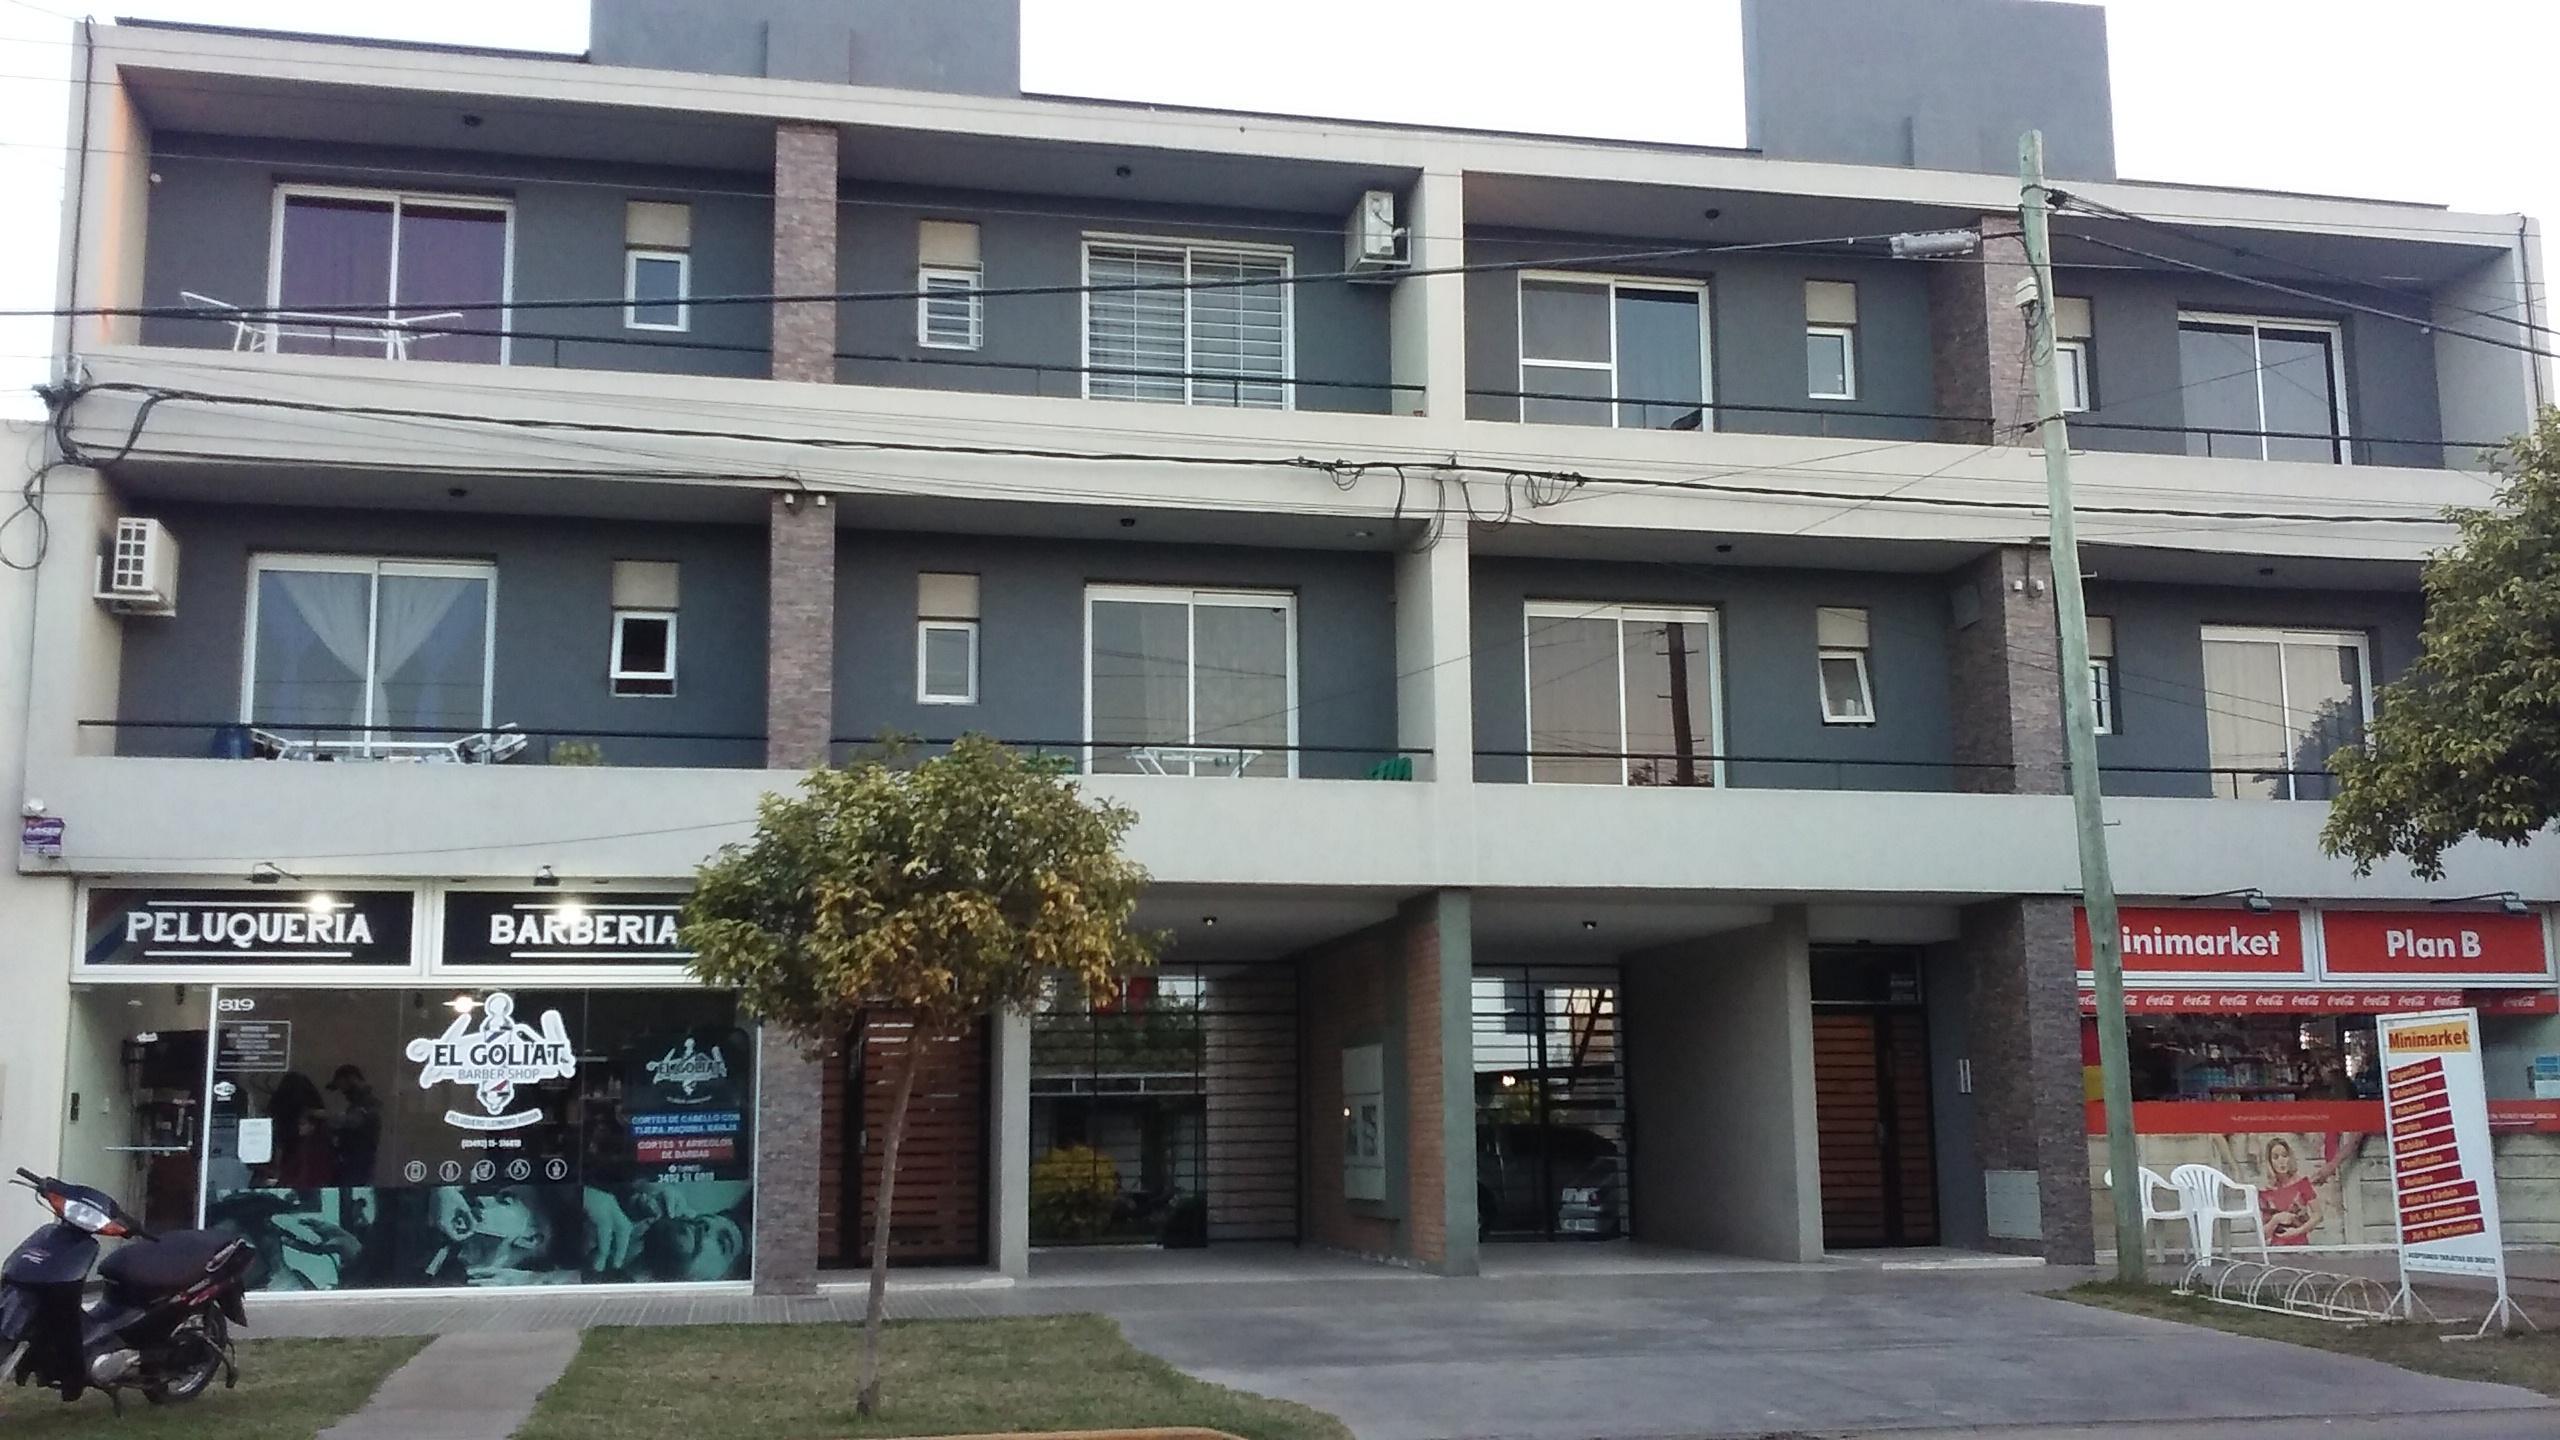 Av. Luis Fanti 823 PA - Gaggiotti Inmobiliaria cuenta con más de 50 años desde que se inicio en el negocio de los servicios inmobiliarios.